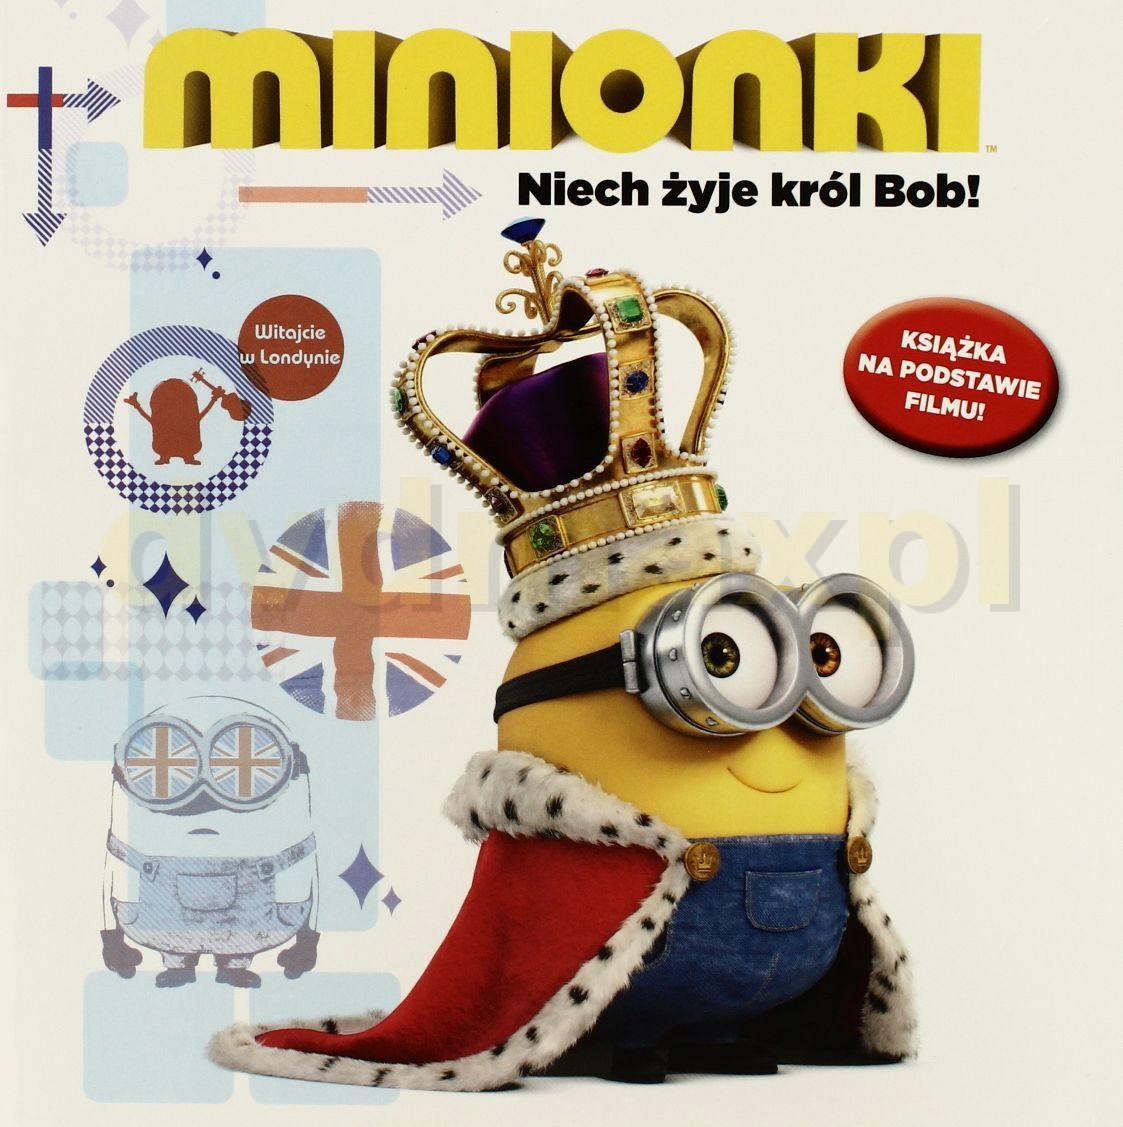 Niech żyje król Bob. Minionki [KSIĄŻKA] - Opracowanie zbiorowe